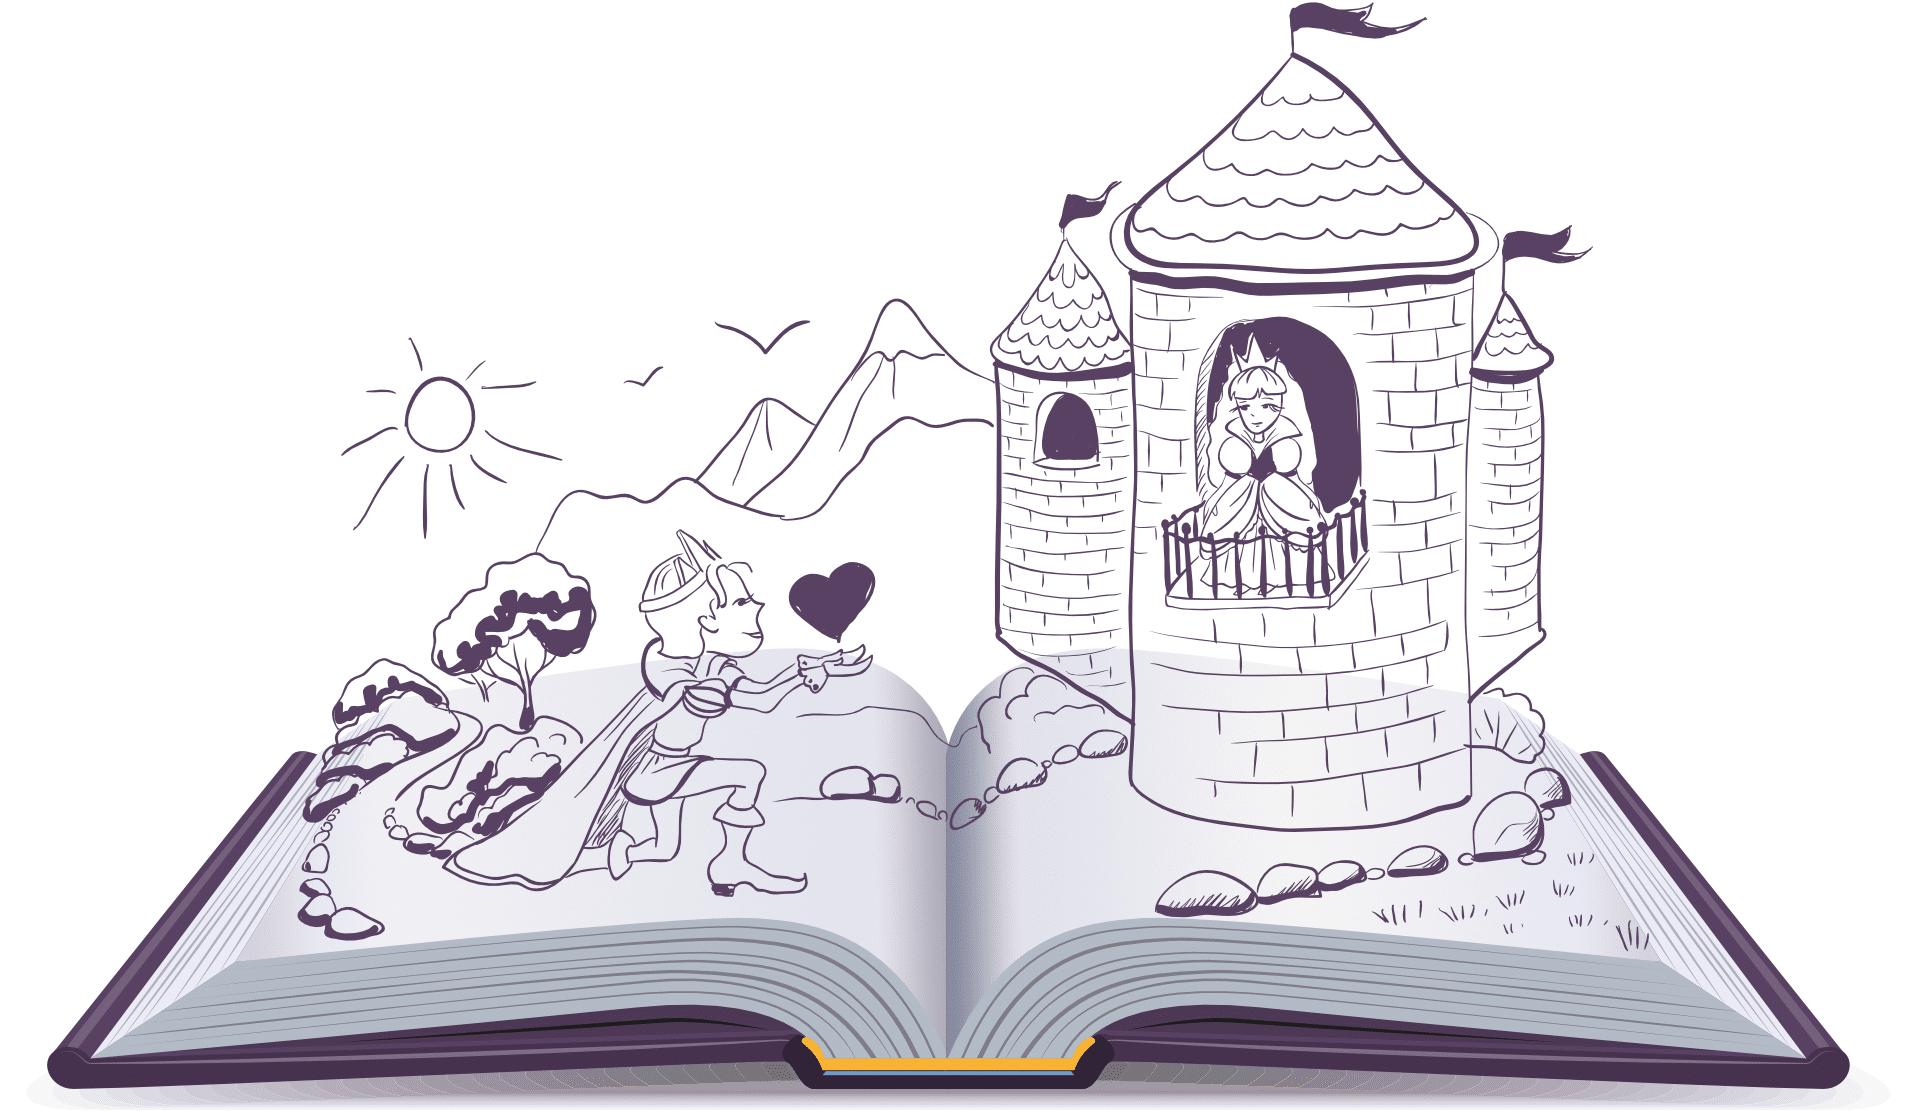 Fremhæver du fortællingerne i dine sætninger, gør du din tekst lettere at læse